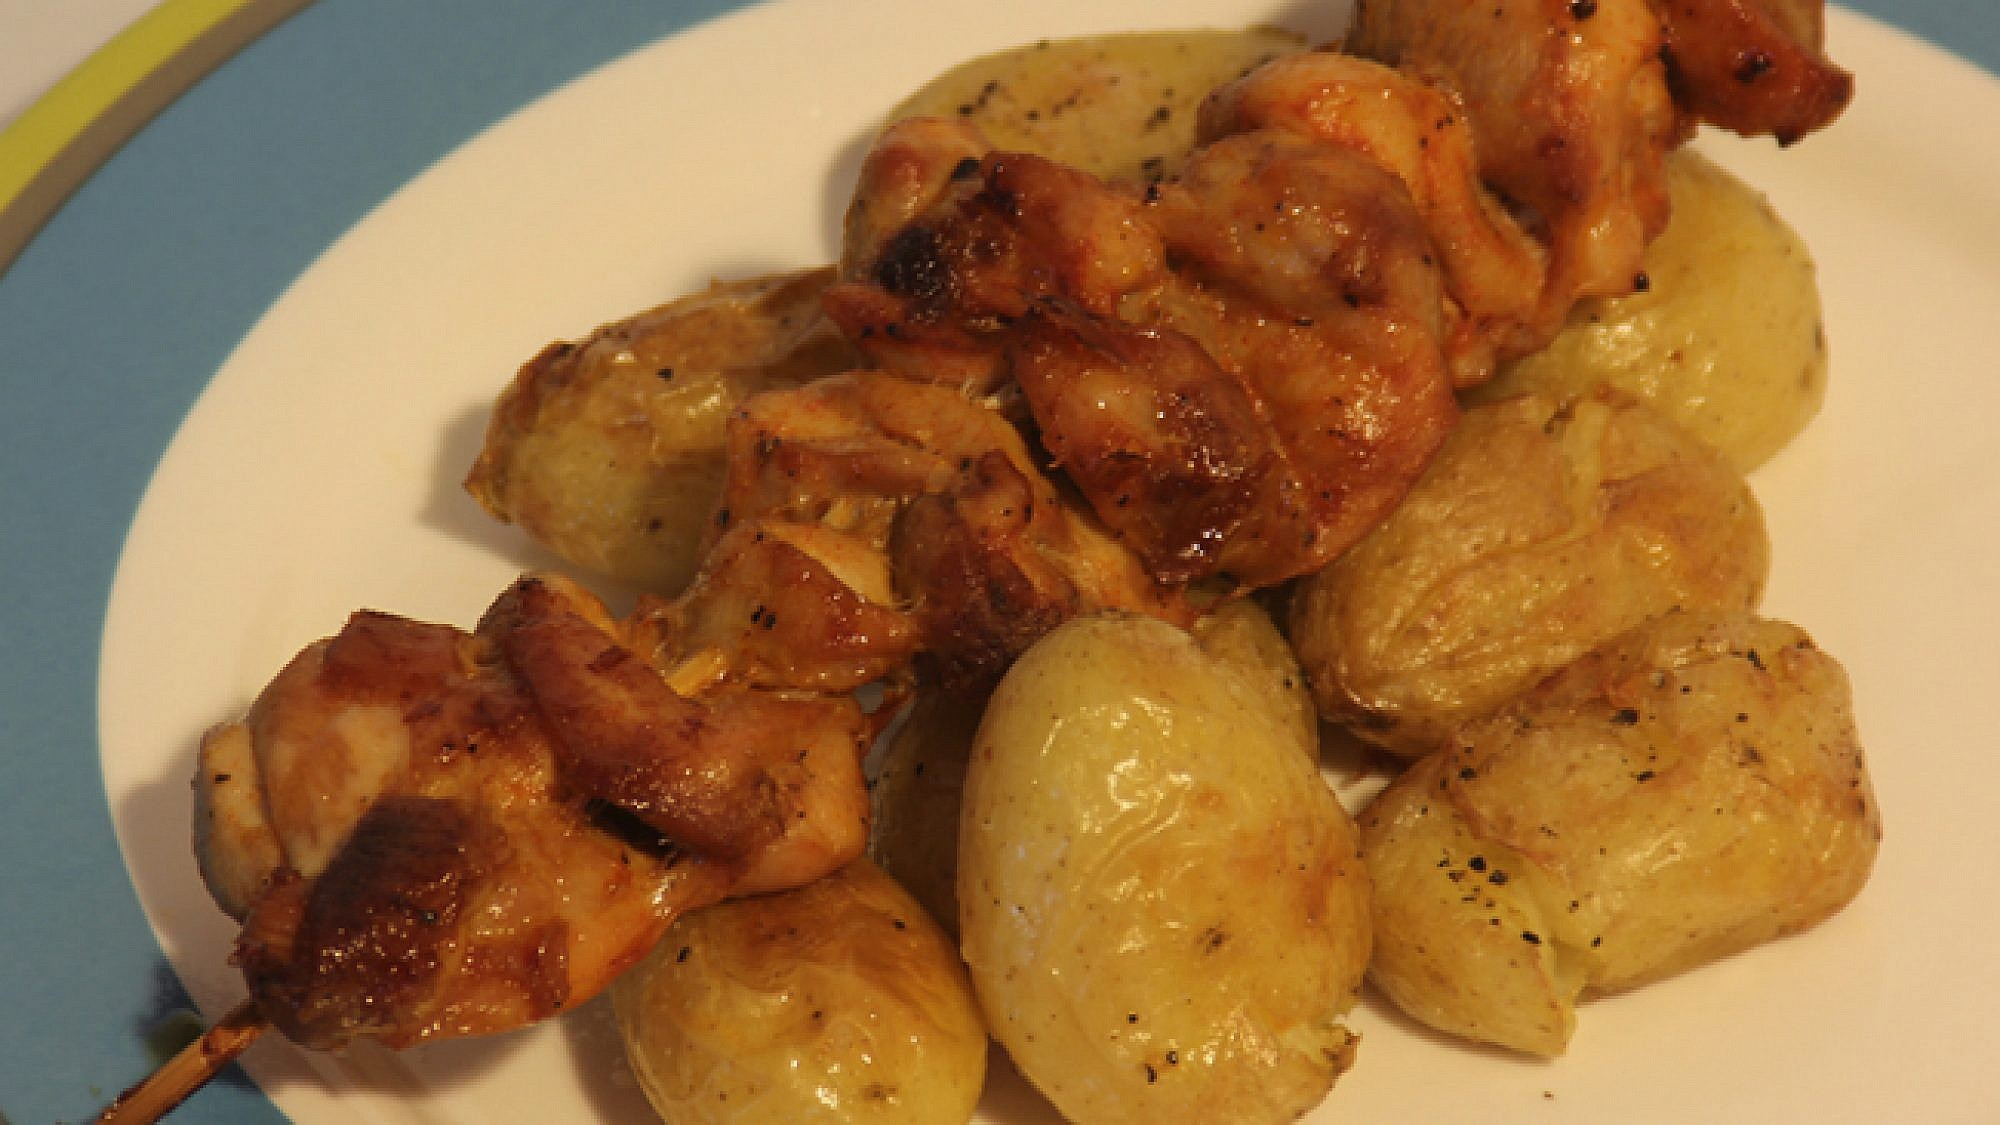 שיפודי פרגית עם תפוחי אדמה חלומיים. גלית ויובל כספי כהן